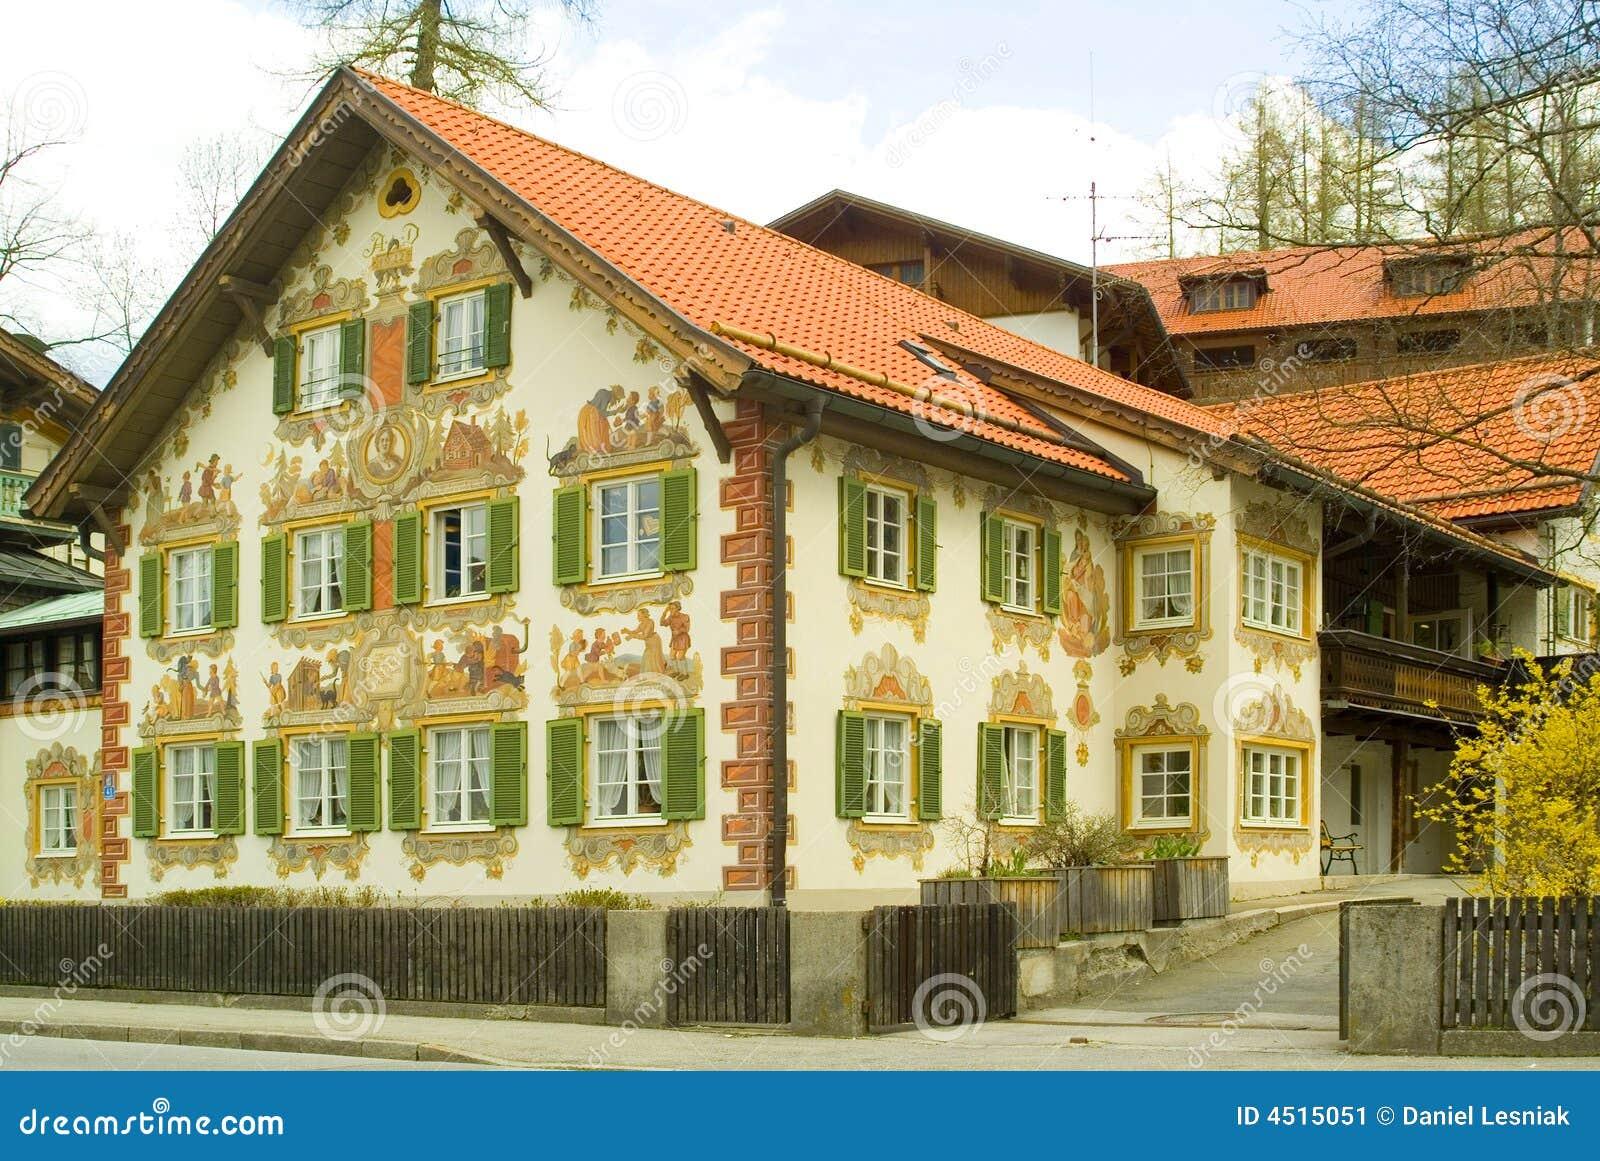 gemaltes haus im bayern stockbild bild von alpen anstrich 4515051. Black Bedroom Furniture Sets. Home Design Ideas